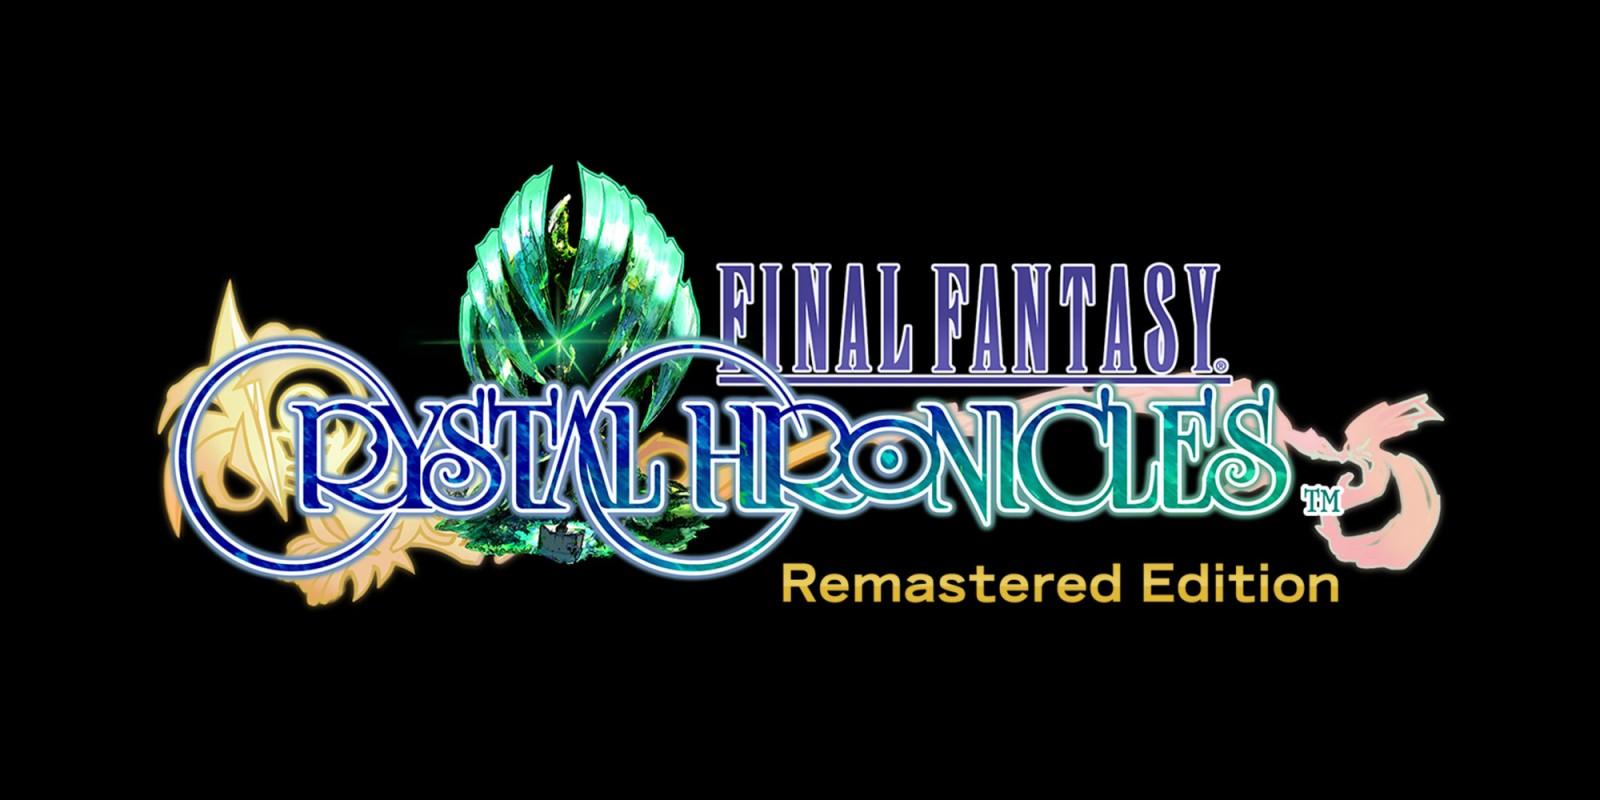 E3 2019 | بازی Final Fantasy: Crystal Chronicles Remastered برای گوشیهای هوشمند عرضه خواهد شد